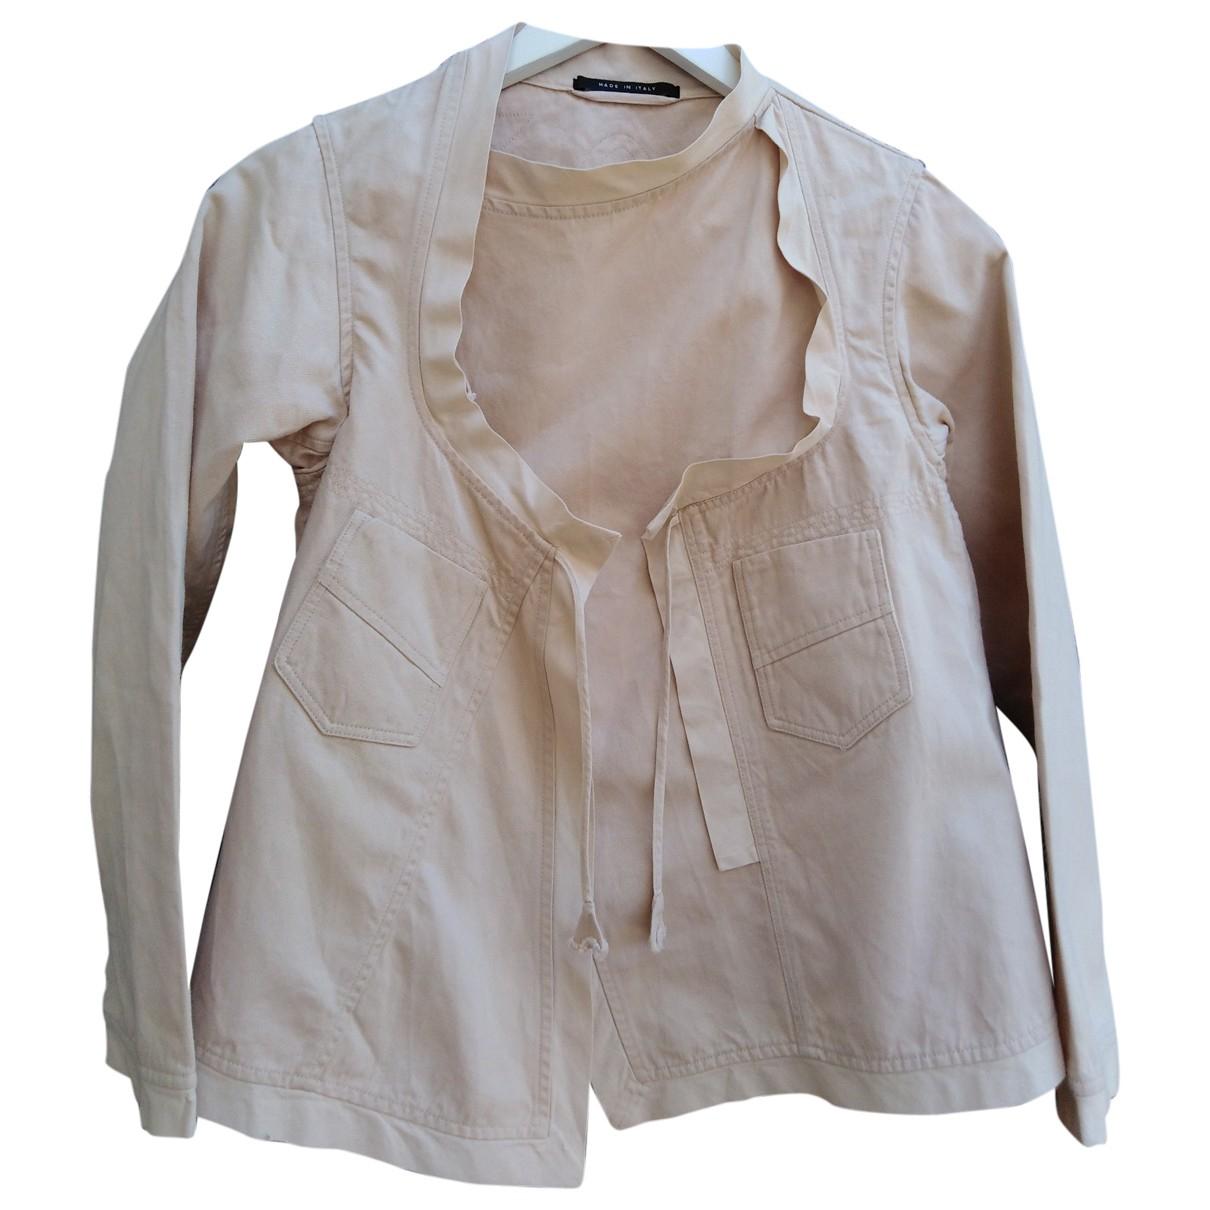 Gucci \N Beige Denim - Jeans jacket for Women 40 IT